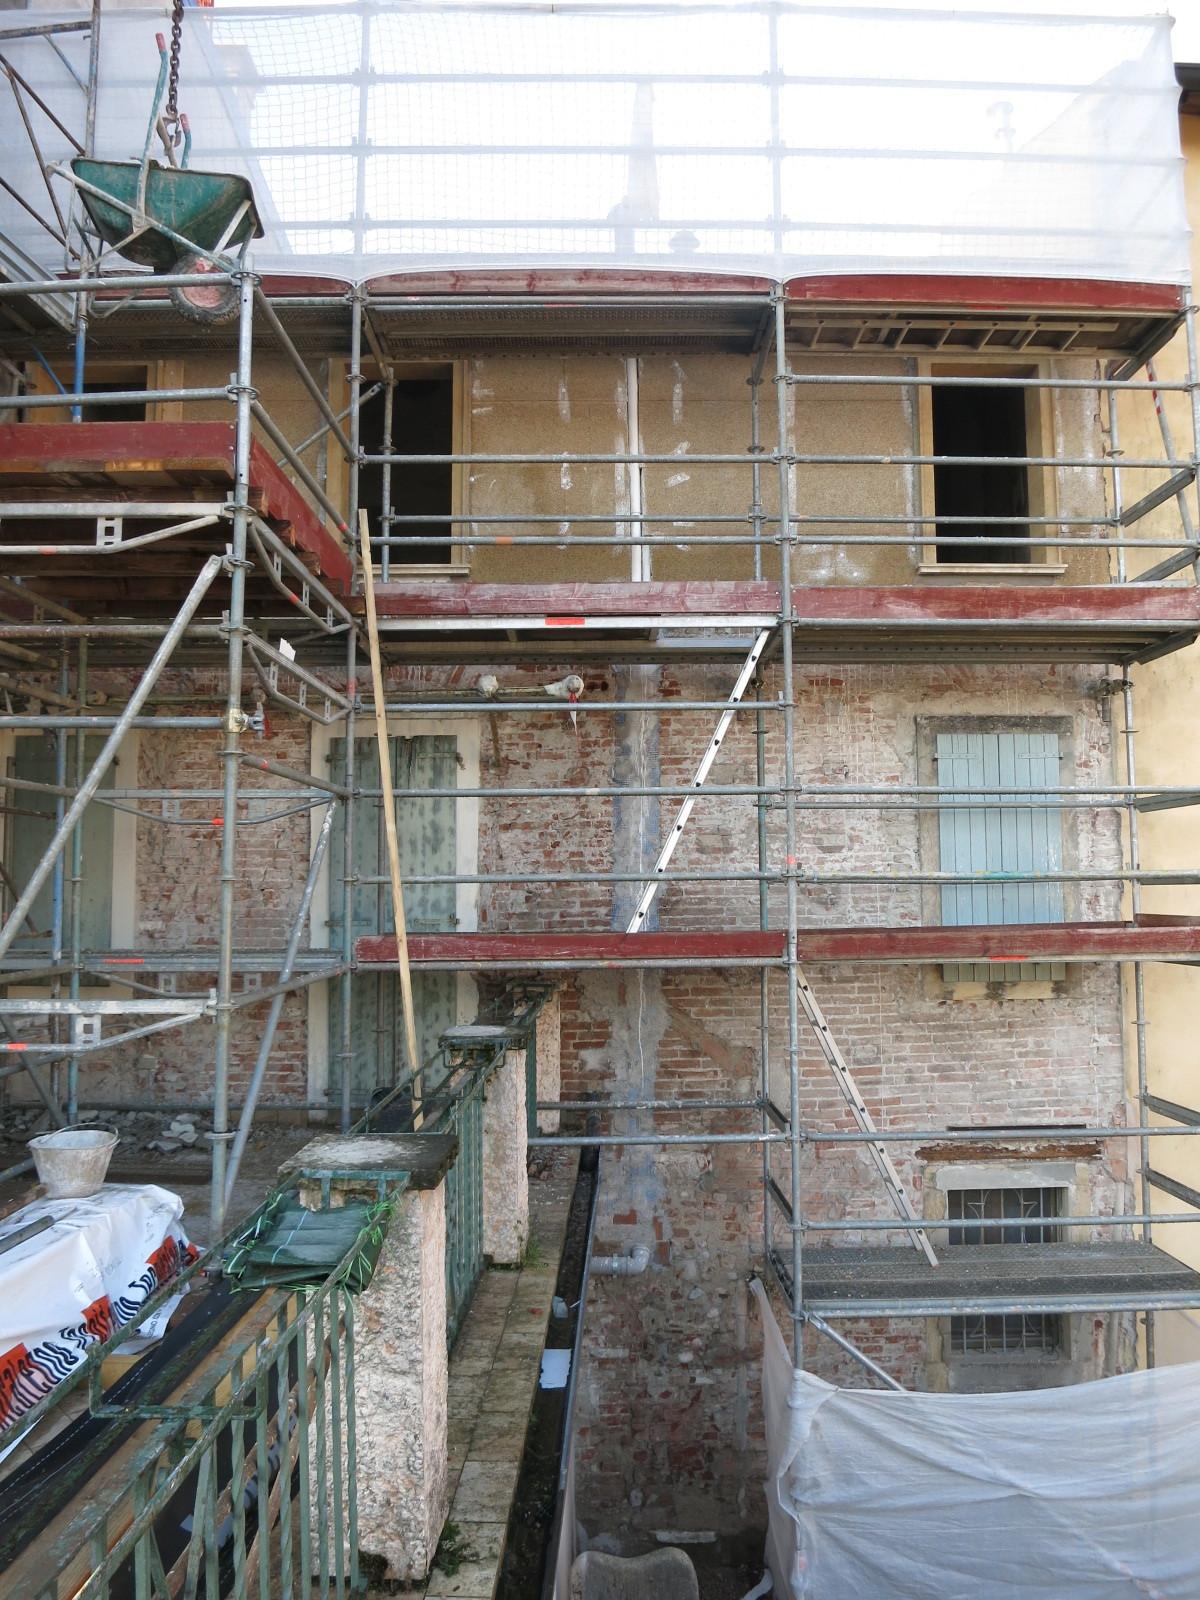 Intervento di ristrutturazione su facciata esistente con calce e canapa